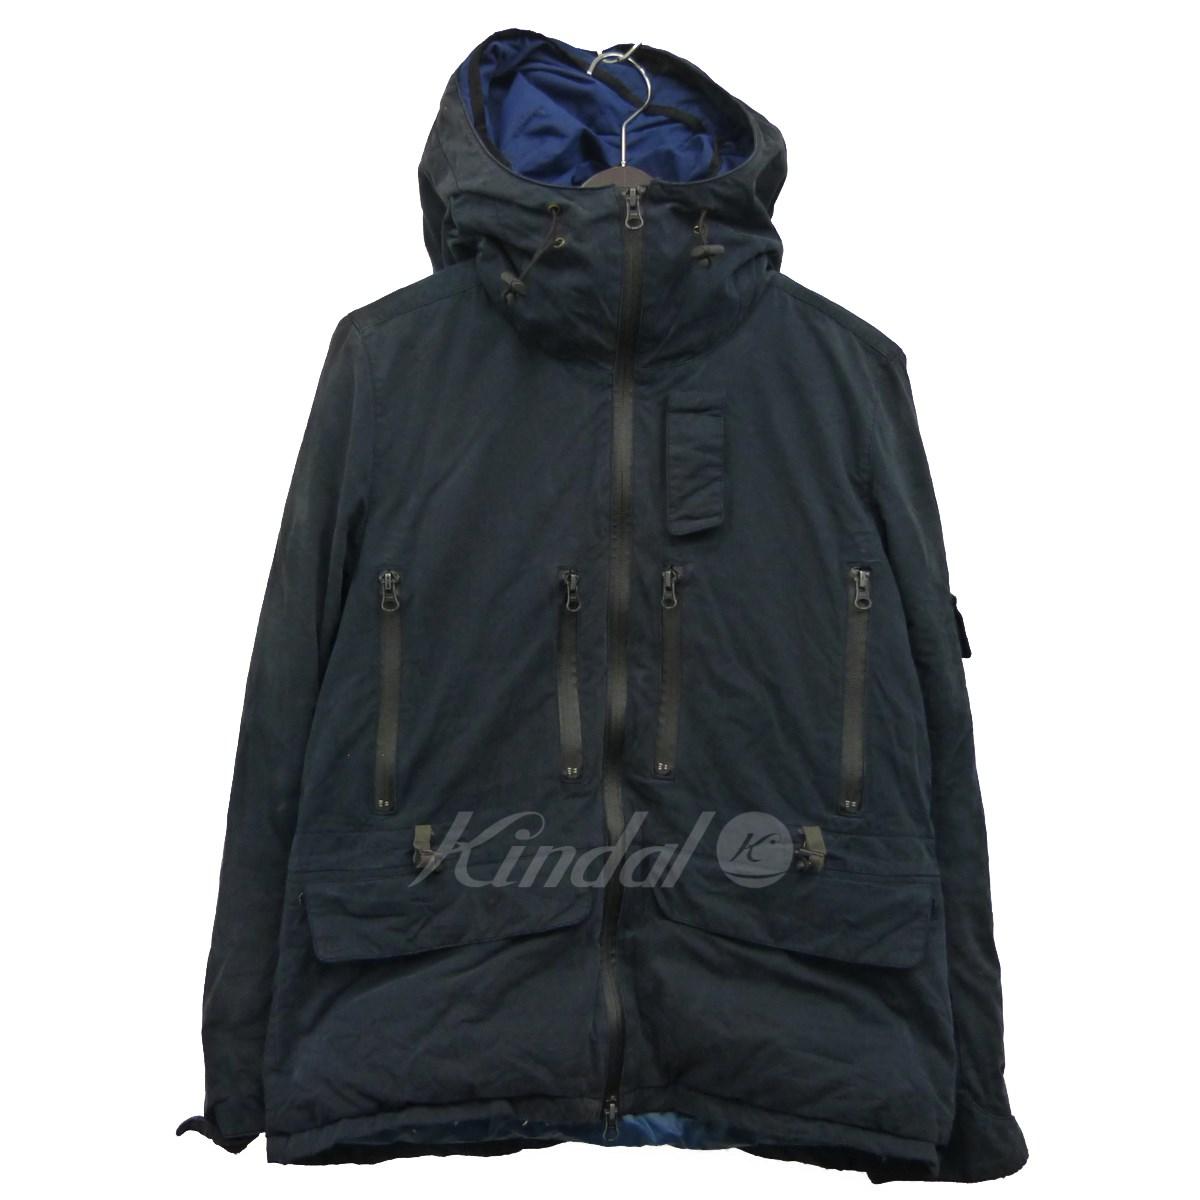 【中古】REMI RELIEF 特殊加工ミリタリーダウンジャケット ネイビー サイズ:S 【140220】(レミレリーフ)